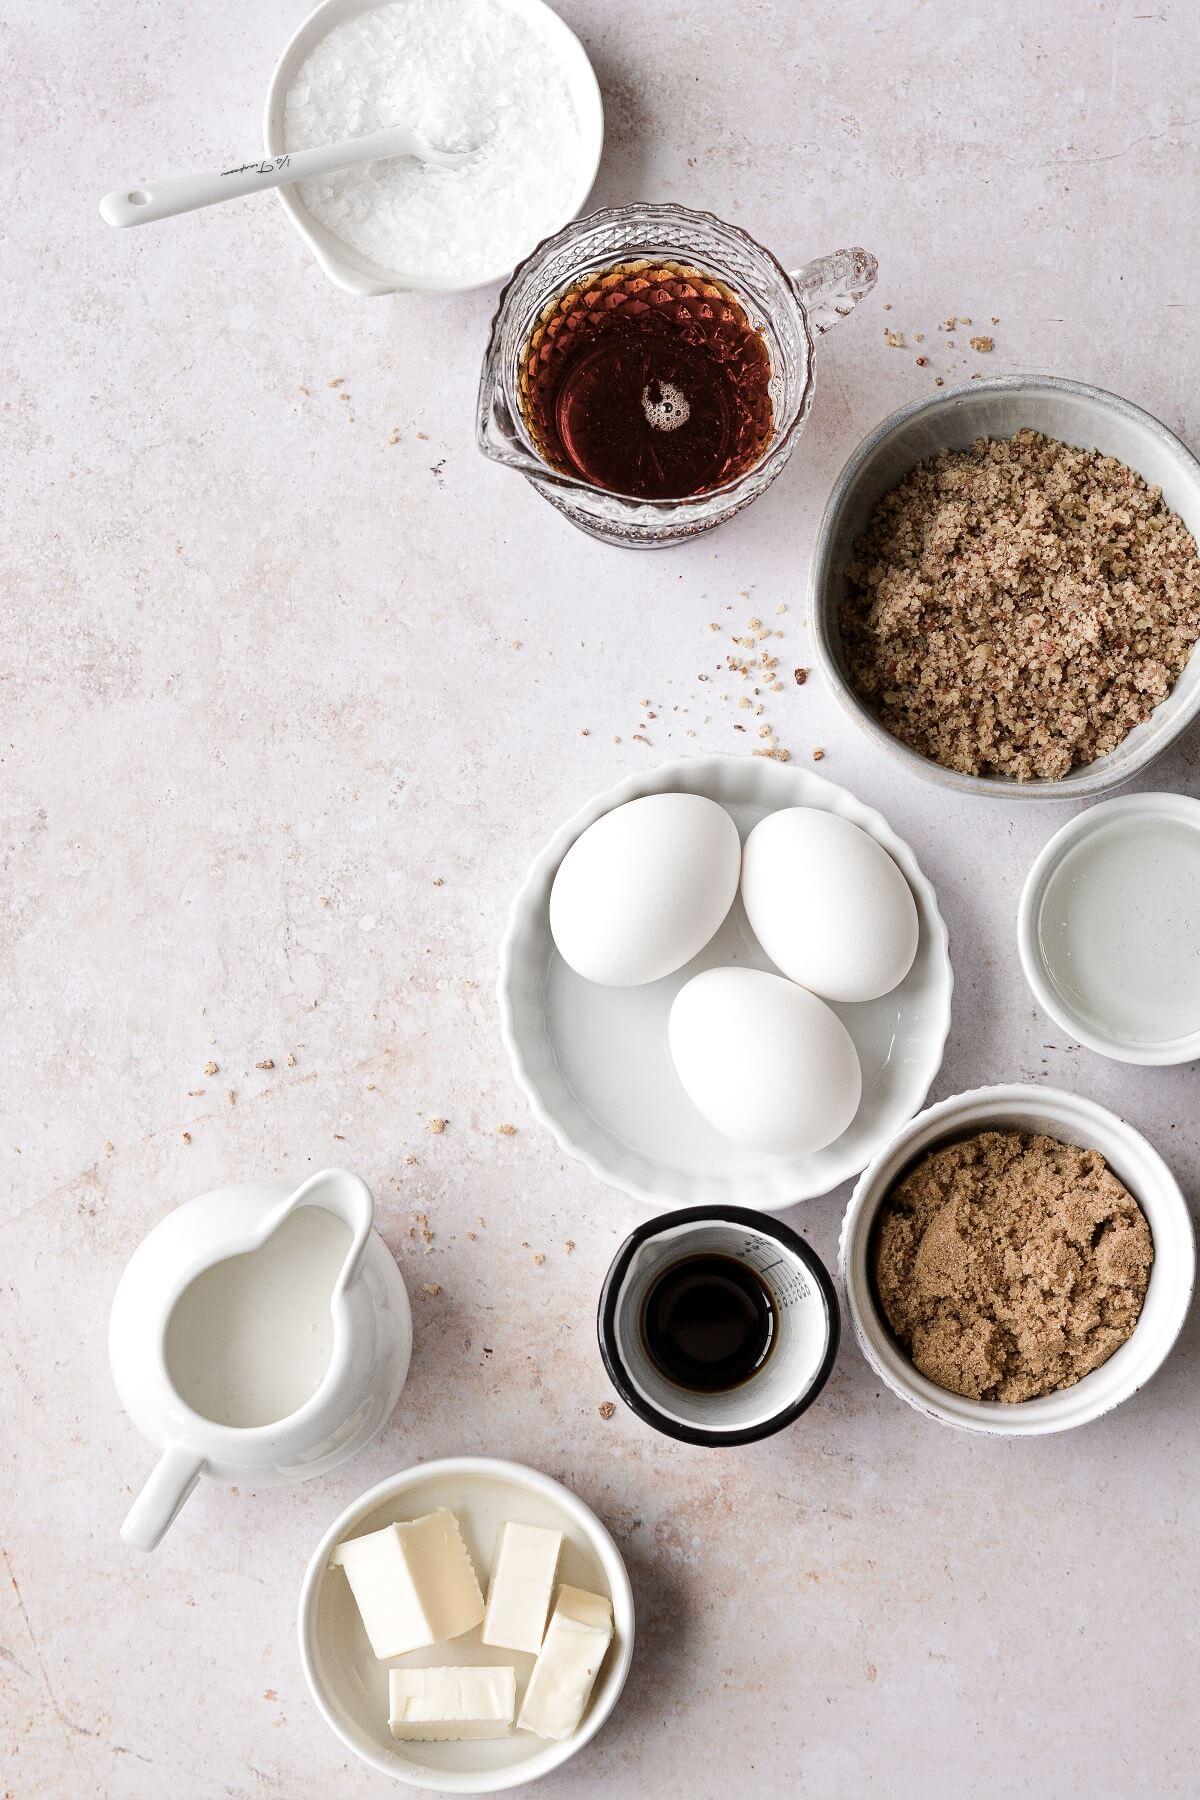 Ingredients for making maple pecan tart.